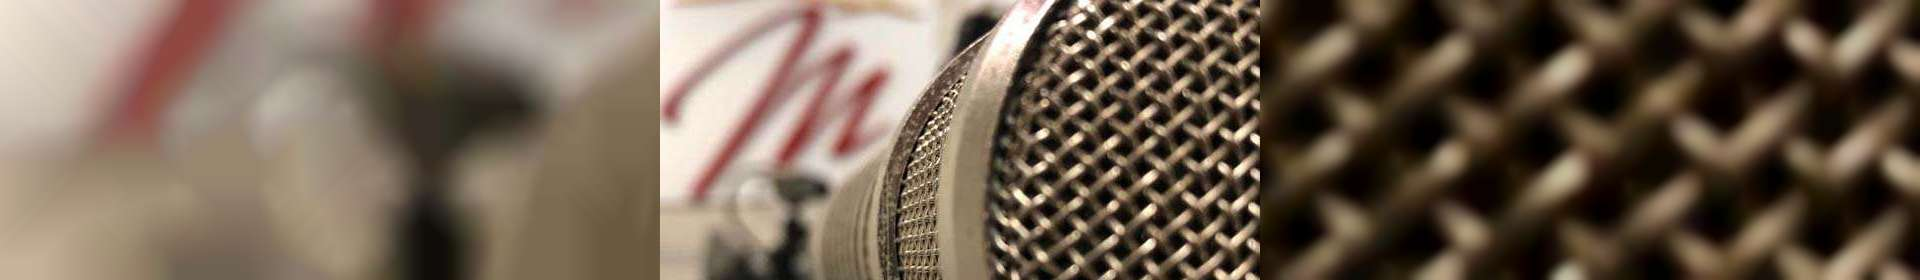 Entrevistas Rádio Maanaim - O louvor nas plataformas digitais